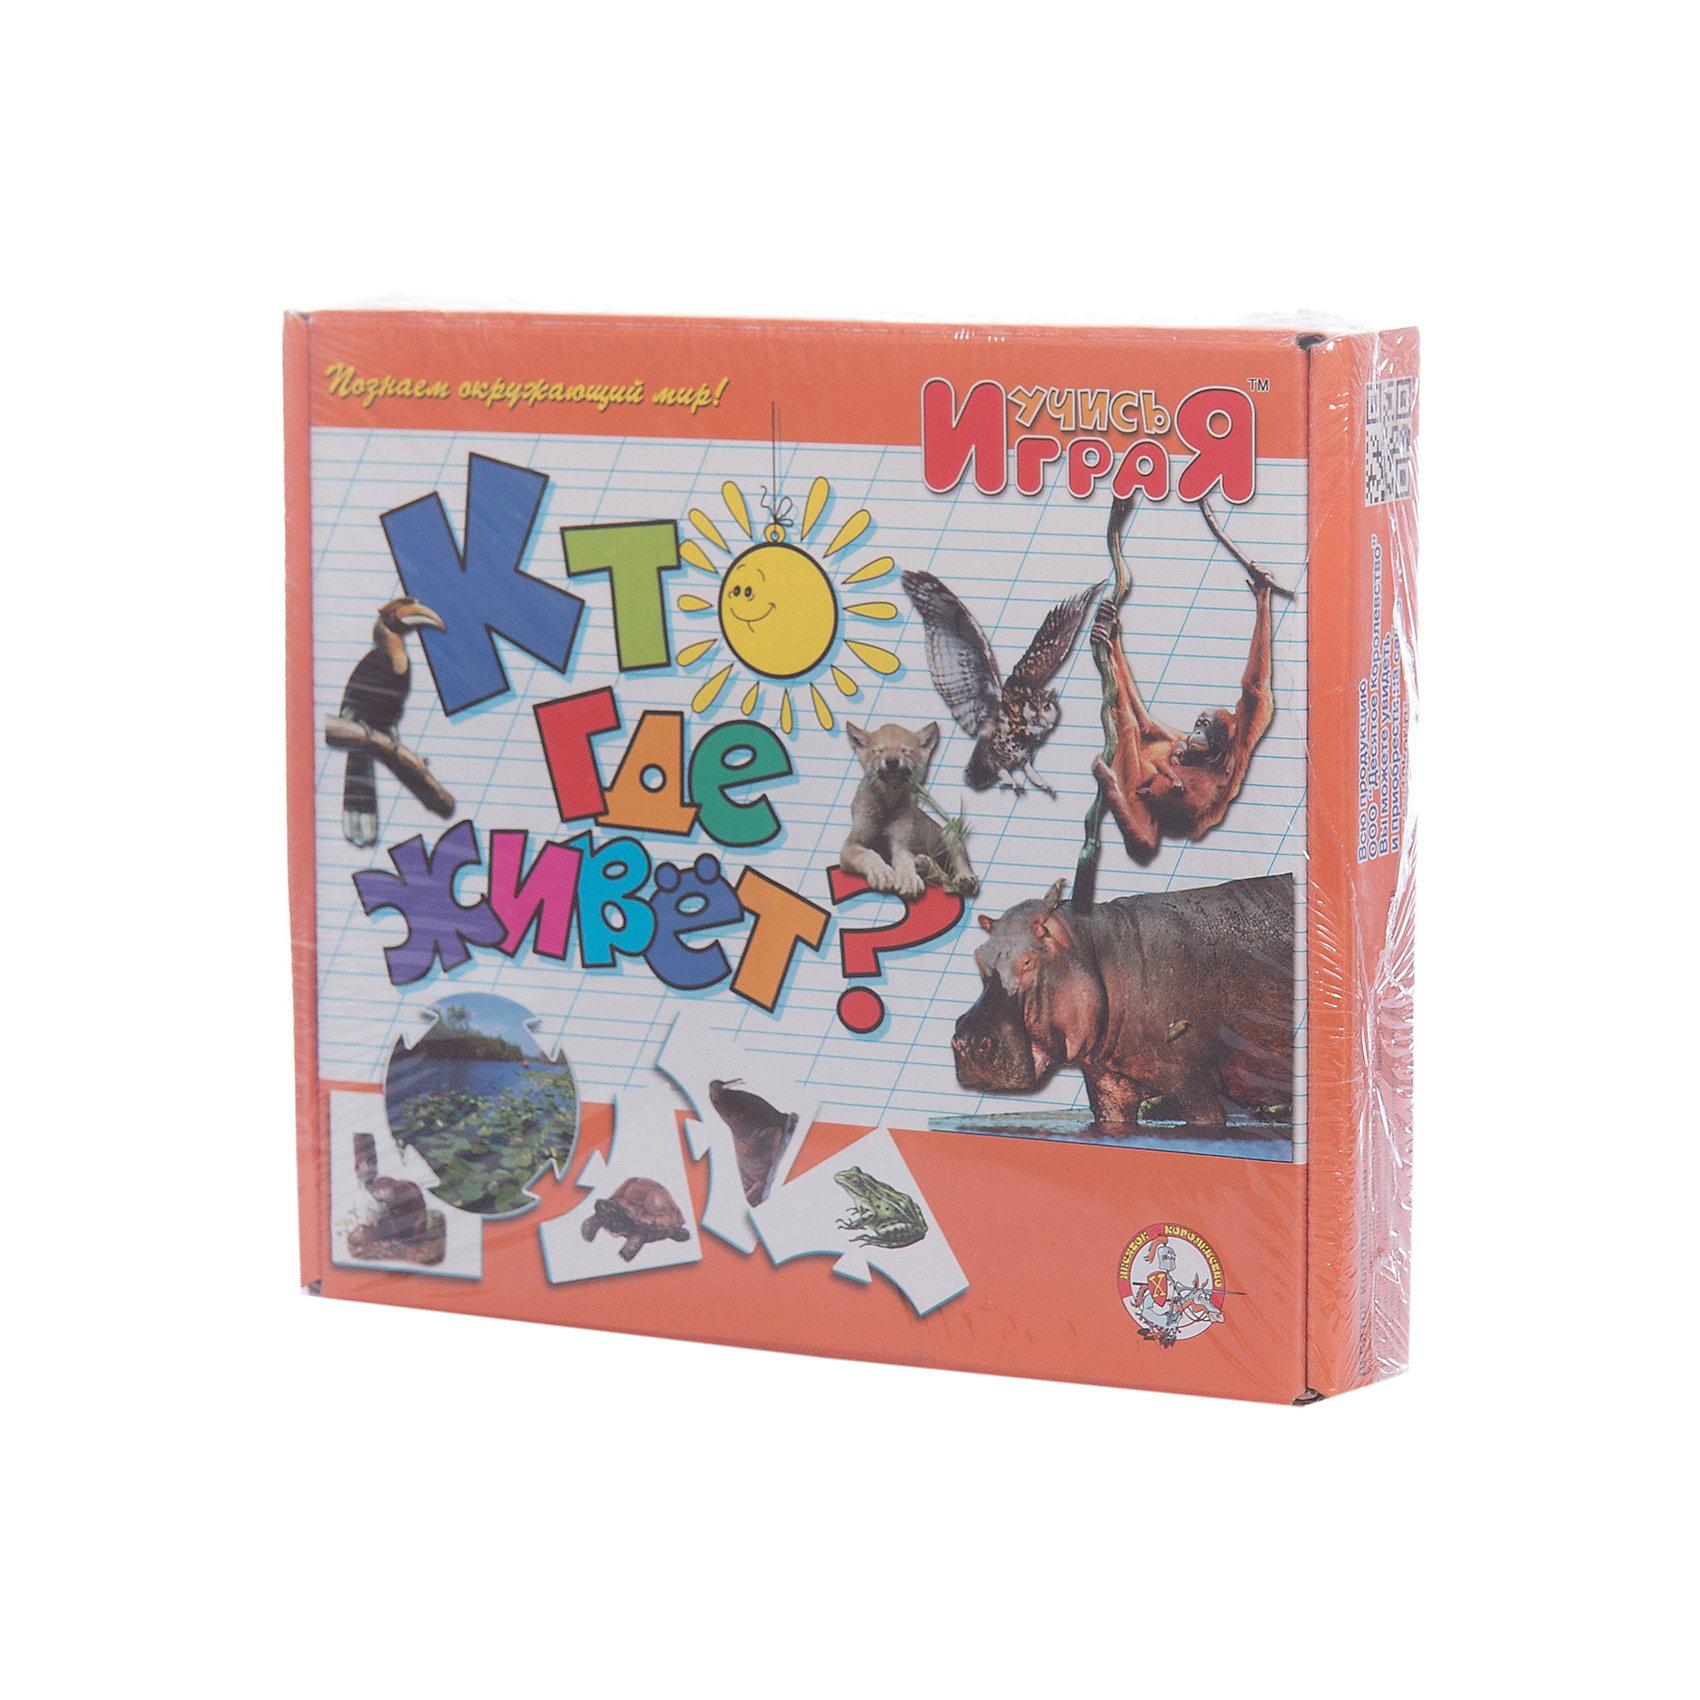 Игра обучающая  Кто где живет, Десятое королевствоИгра обучающая Кто где живет, Десятое королевство<br><br>Характеристики:<br><br>• Возраст: от 3 лет<br>• Количество игроков: от 1 до 10<br>• В комплекте: 10 карточек заданий, 4 карточки с ответами<br><br>В этой увлекательной обучающей игре могут участвовать одновременно от 1 до 10 детей! В наборе содержатся 10 карточек-заданий, на которых изображены рисунки. К каждой необходимо найти 4 карточки-ответа, чтобы дополнить их содержание. В процессе игры дети работают над мелкой моторикой и расширяют свои знания и представления об окружающем мире.<br><br>Игра обучающая Кто где живет, Десятое королевство можно купить в нашем интернет-магазине.<br><br>Ширина мм: 230<br>Глубина мм: 200<br>Высота мм: 35<br>Вес г: 240<br>Возраст от месяцев: 84<br>Возраст до месяцев: 2147483647<br>Пол: Унисекс<br>Возраст: Детский<br>SKU: 5471695